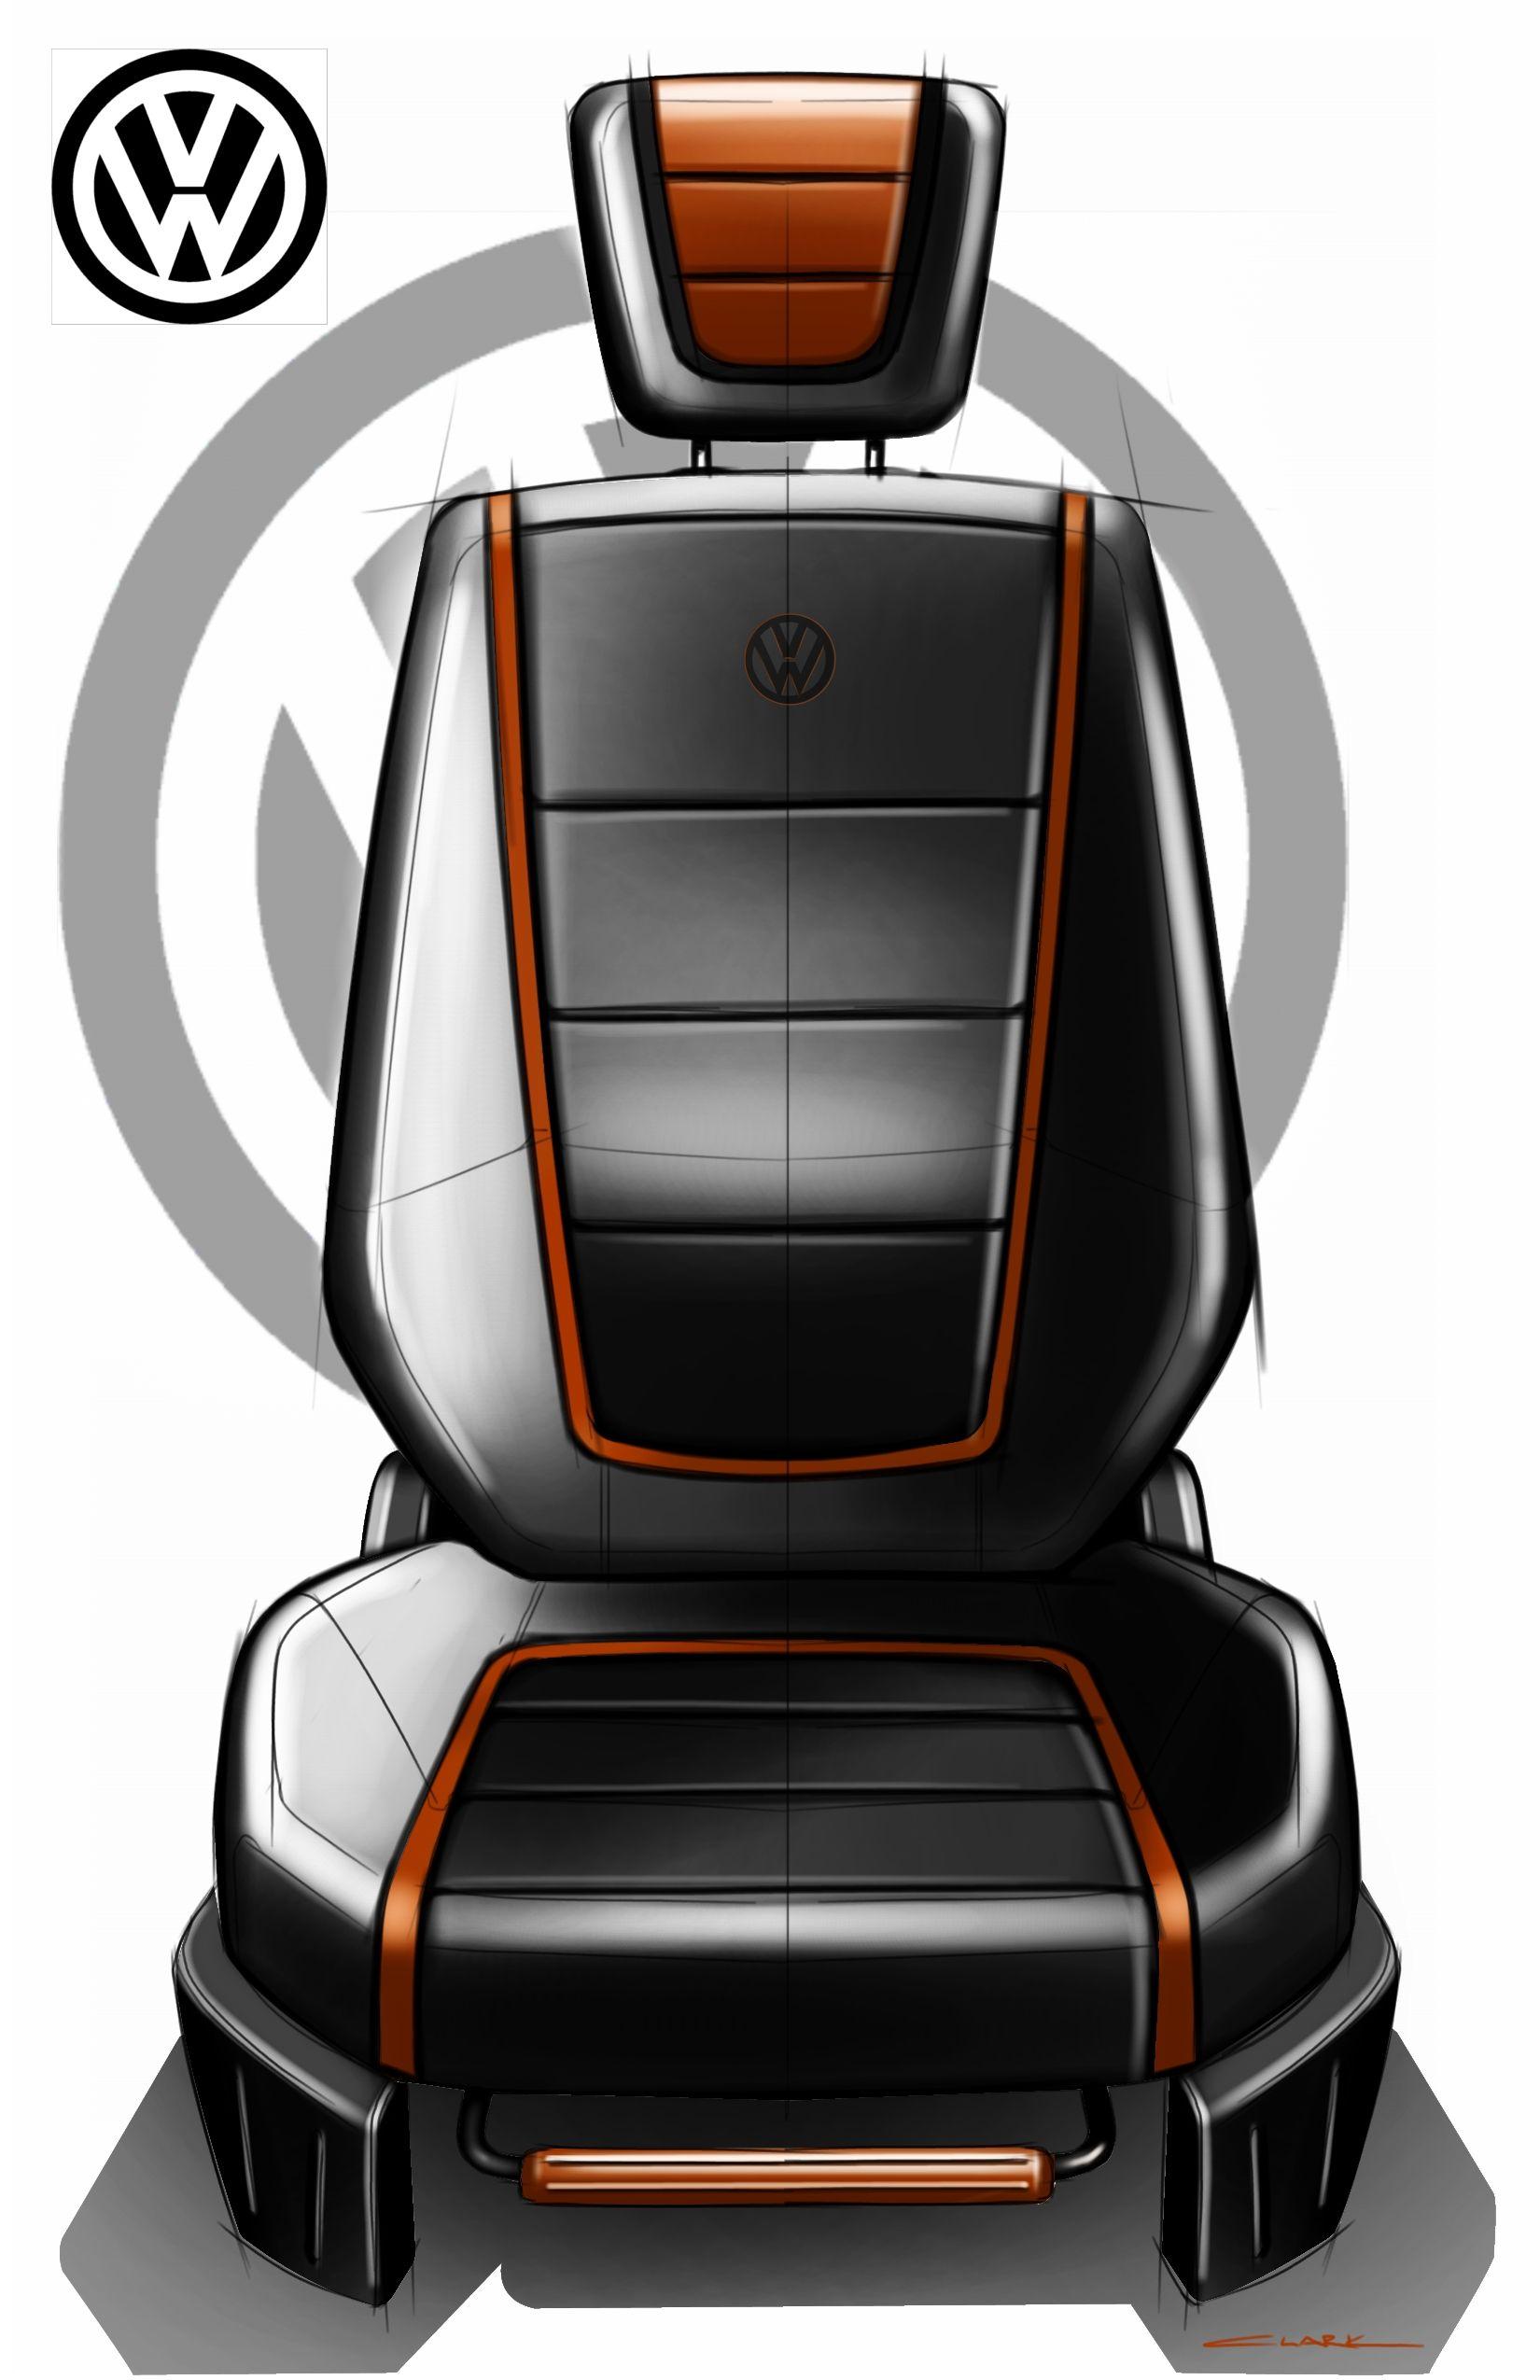 vw-seat-sketch.jpg 1,650×2,550 pixels